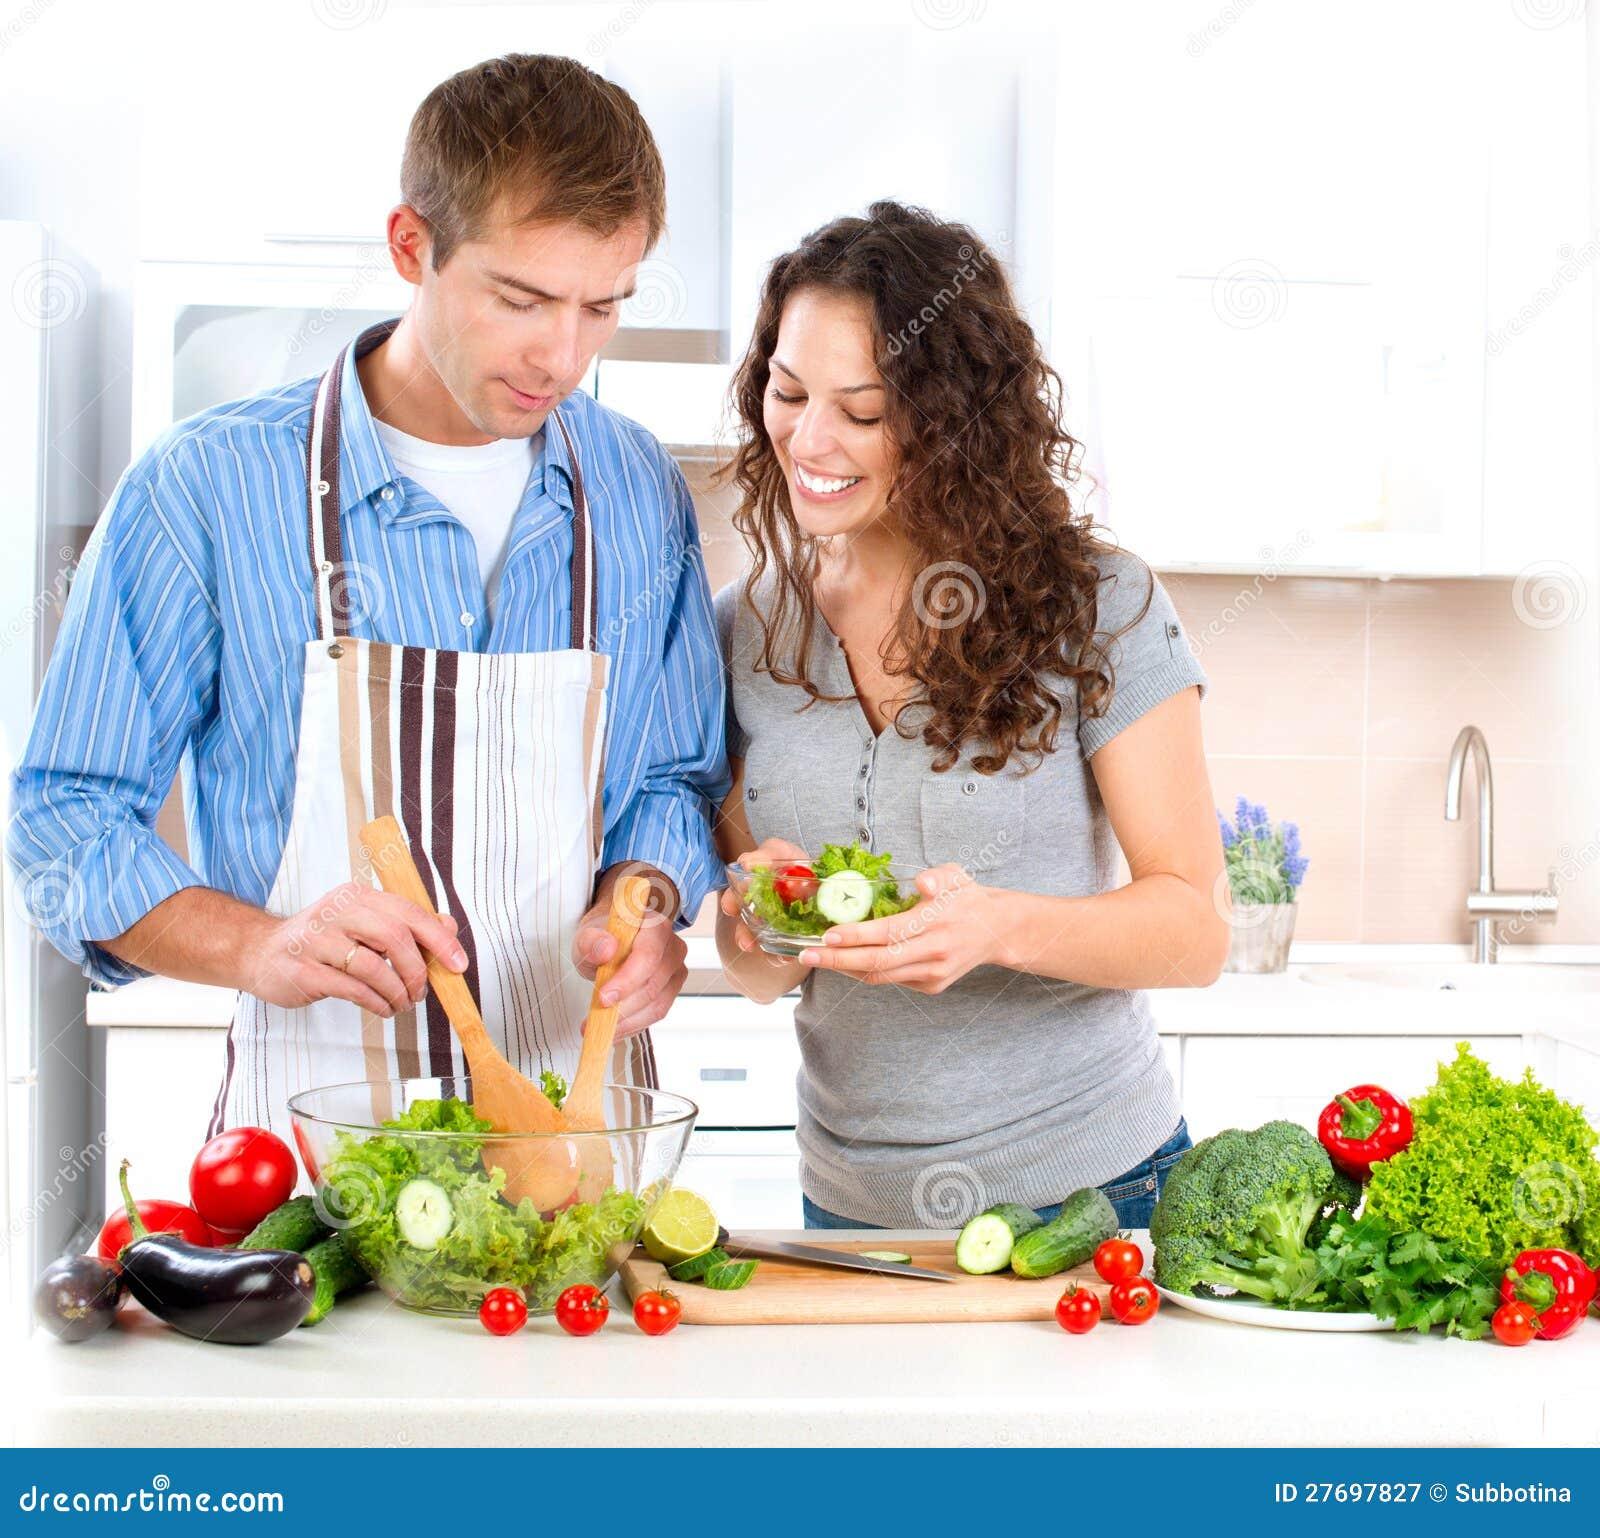 Kochen flirten